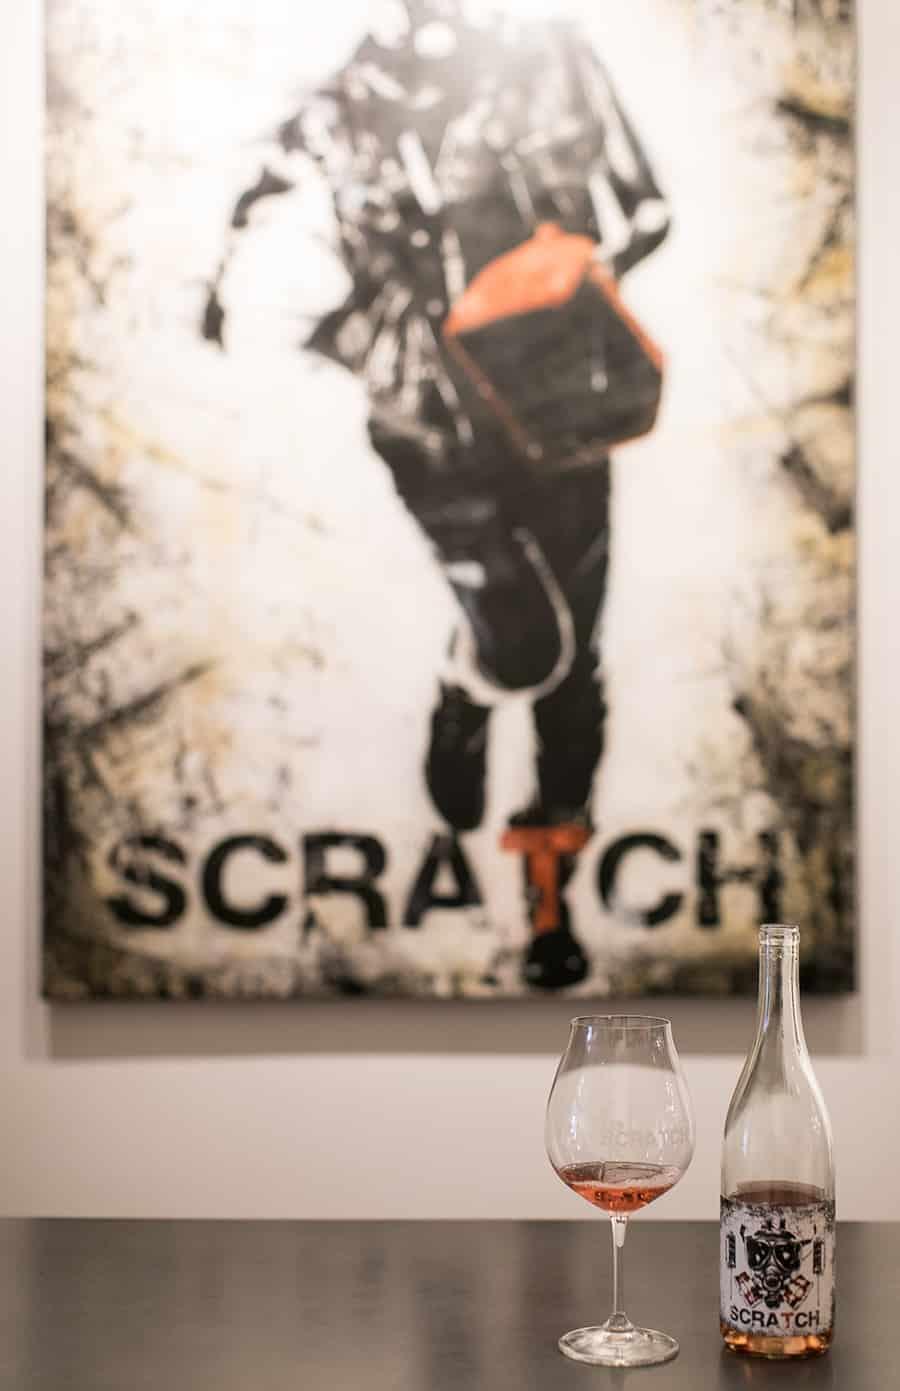 Scratch wine in Carmel